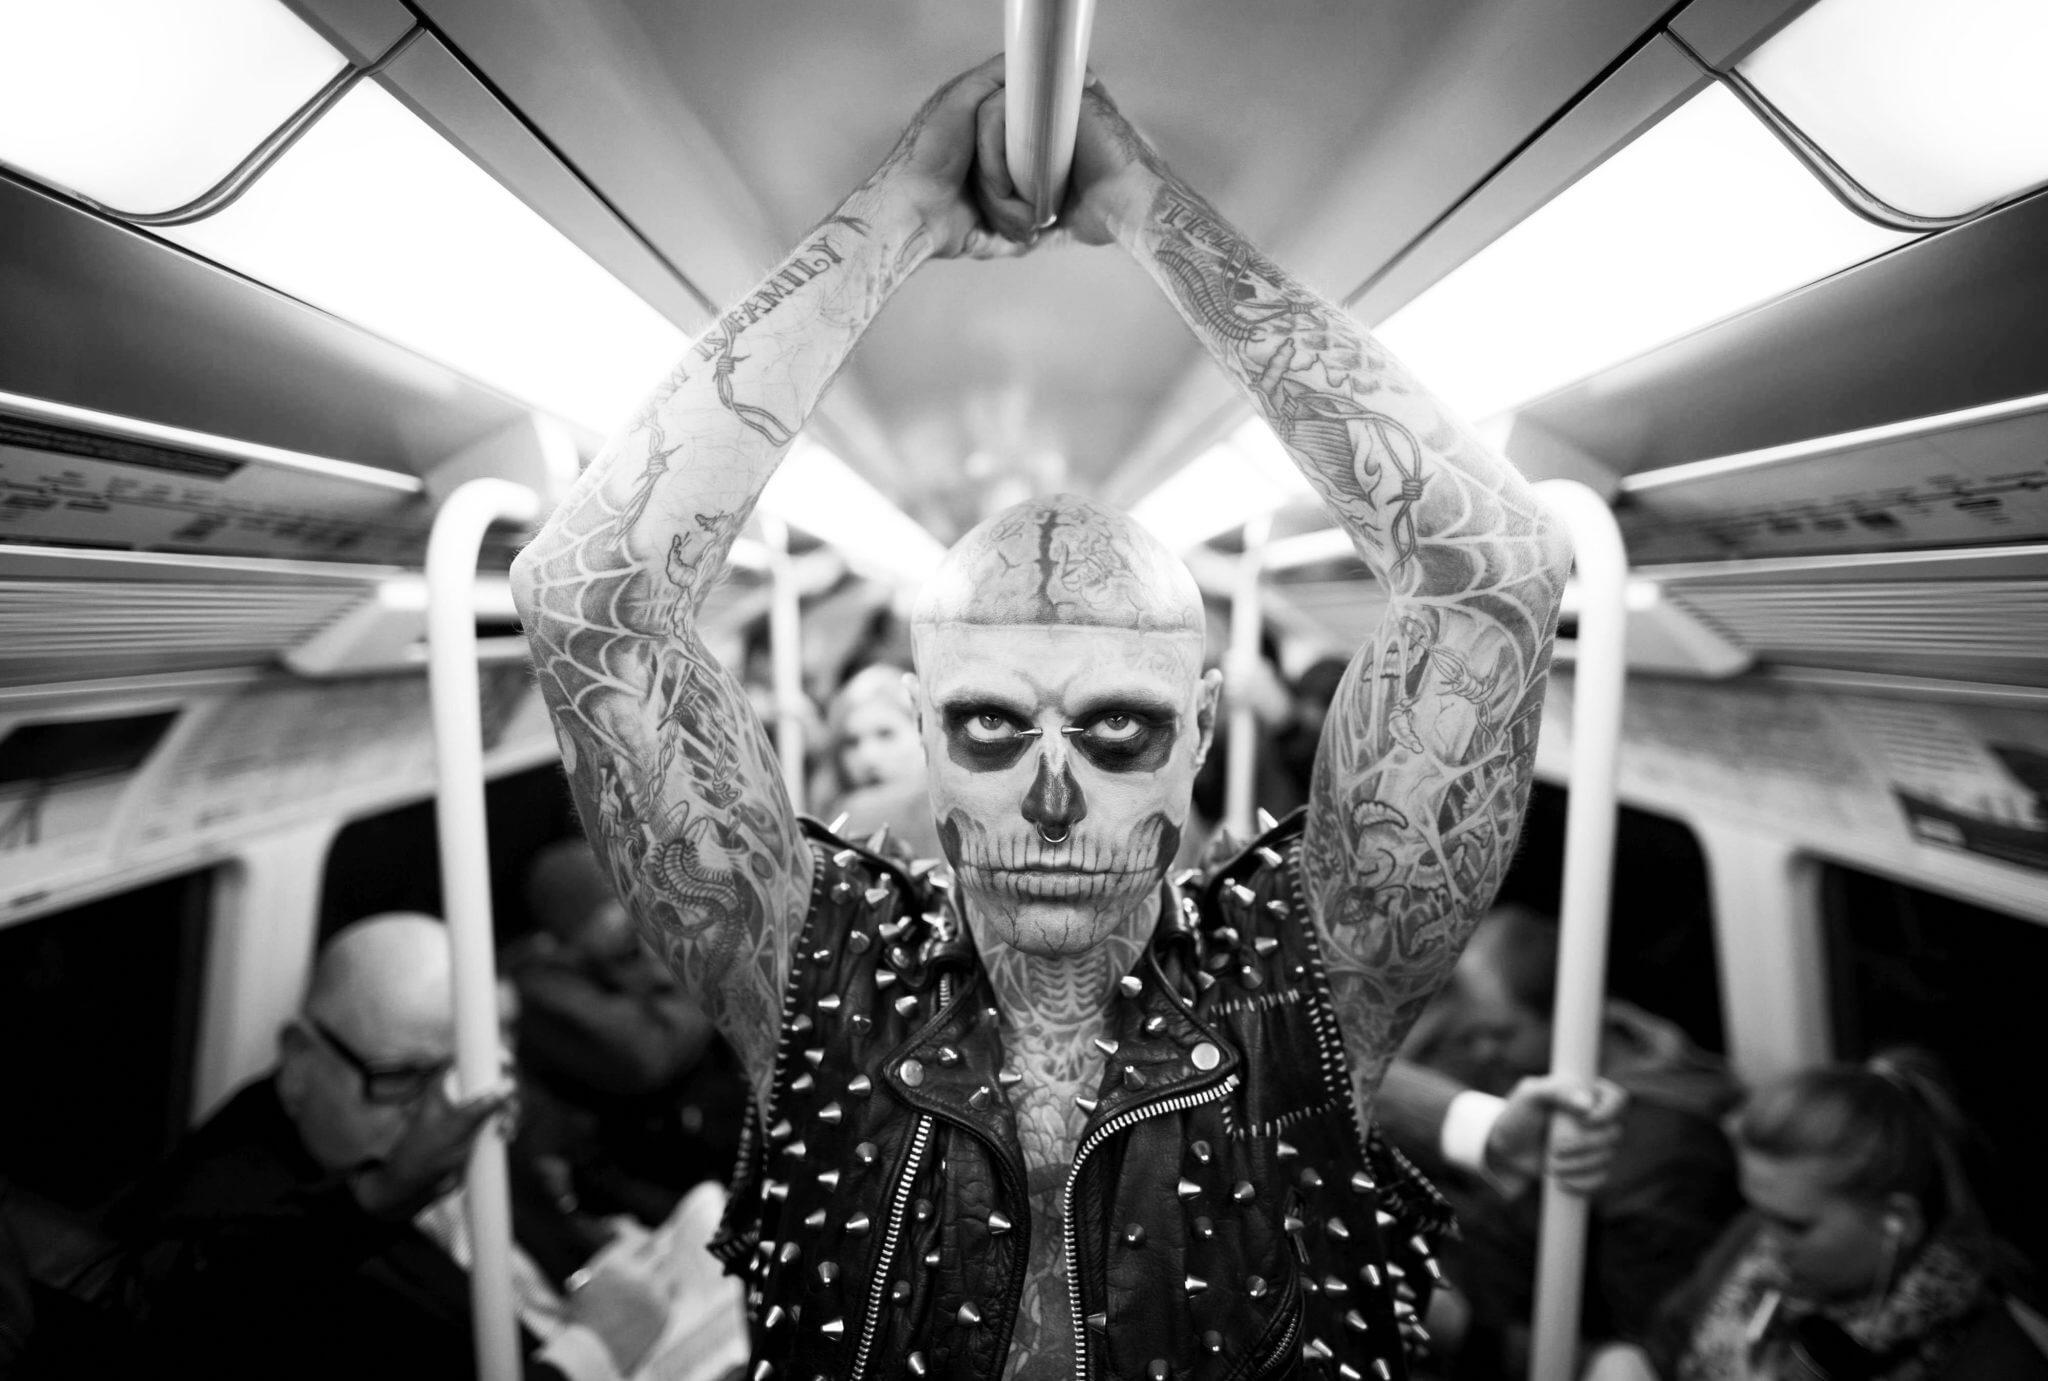 Se suicida el modelo Zombie Boy: 5 cosas que debes conocer sobre este fashion icon rebelde